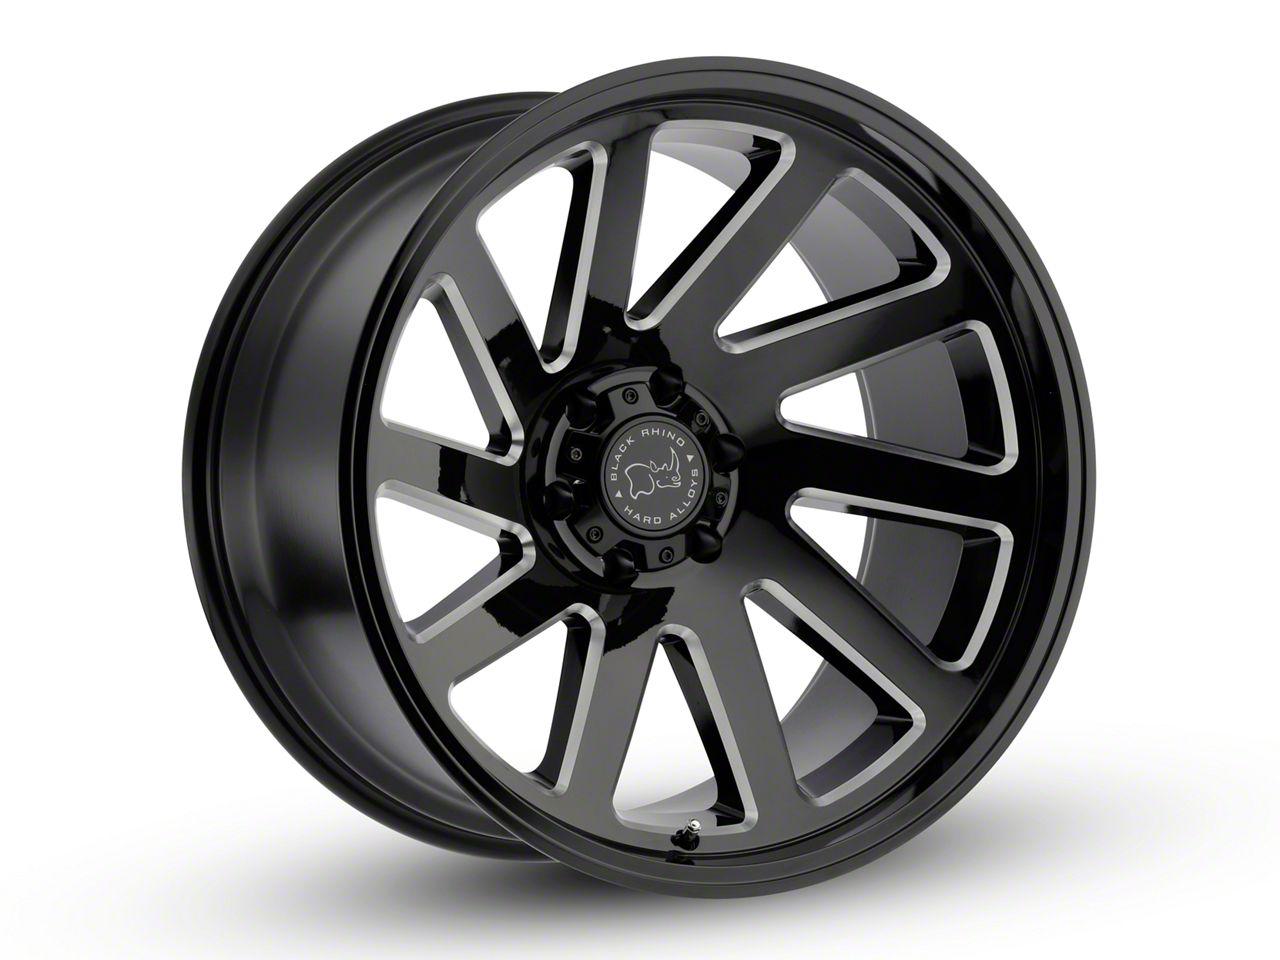 Black Rhino Thrust Gloss Black Milled 6-Lug Wheel - 20x12 (99-18 Silverado 1500)